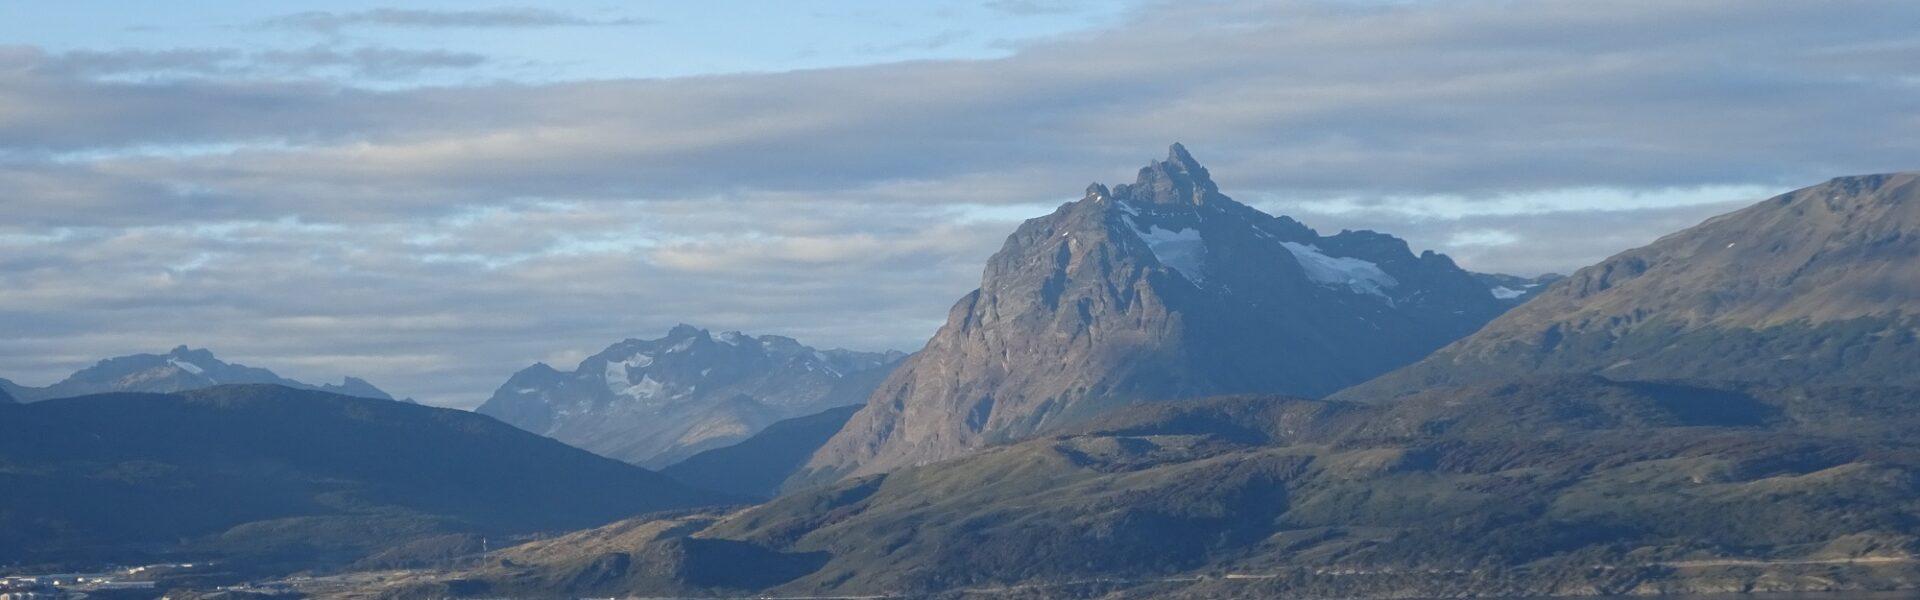 Page d'accueil de World-4U - Avion survolant Ushuaïa